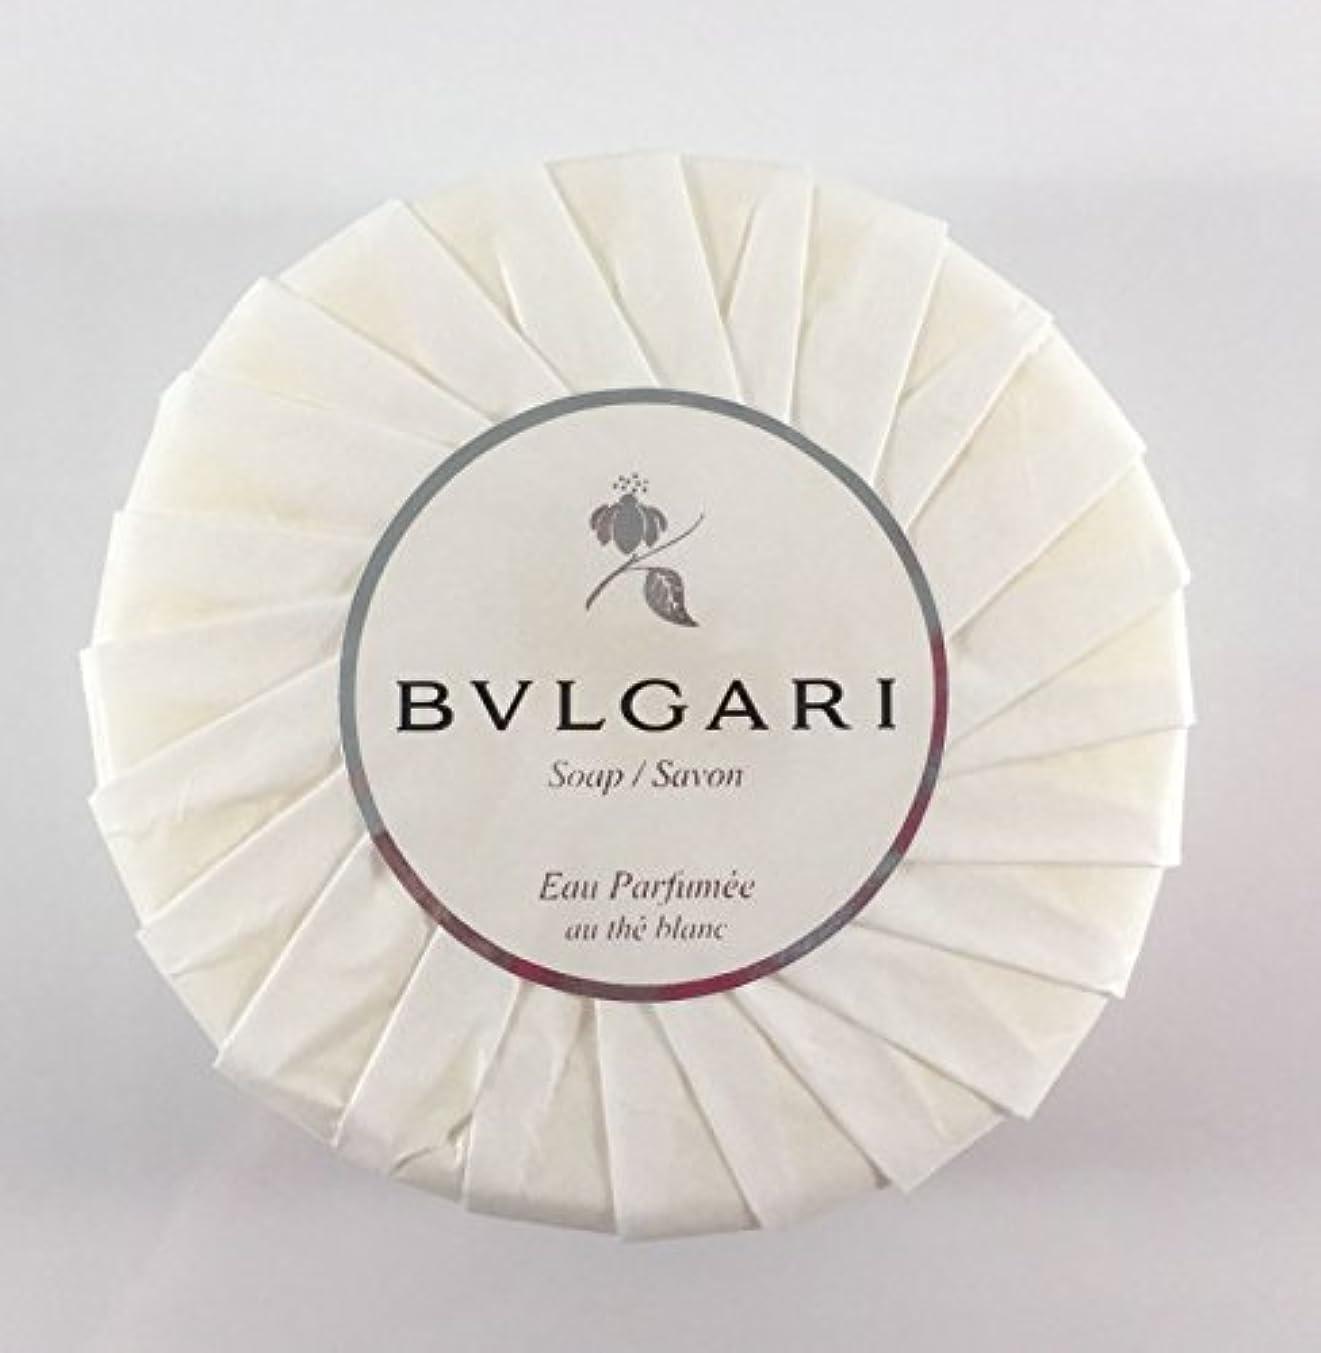 または保険をかけるアウトドアブルガリ オ?パフメ オーテブラン デラックスソープ150g BVLGARI Bvlgari Eau Parfumee au the blanc White Soap